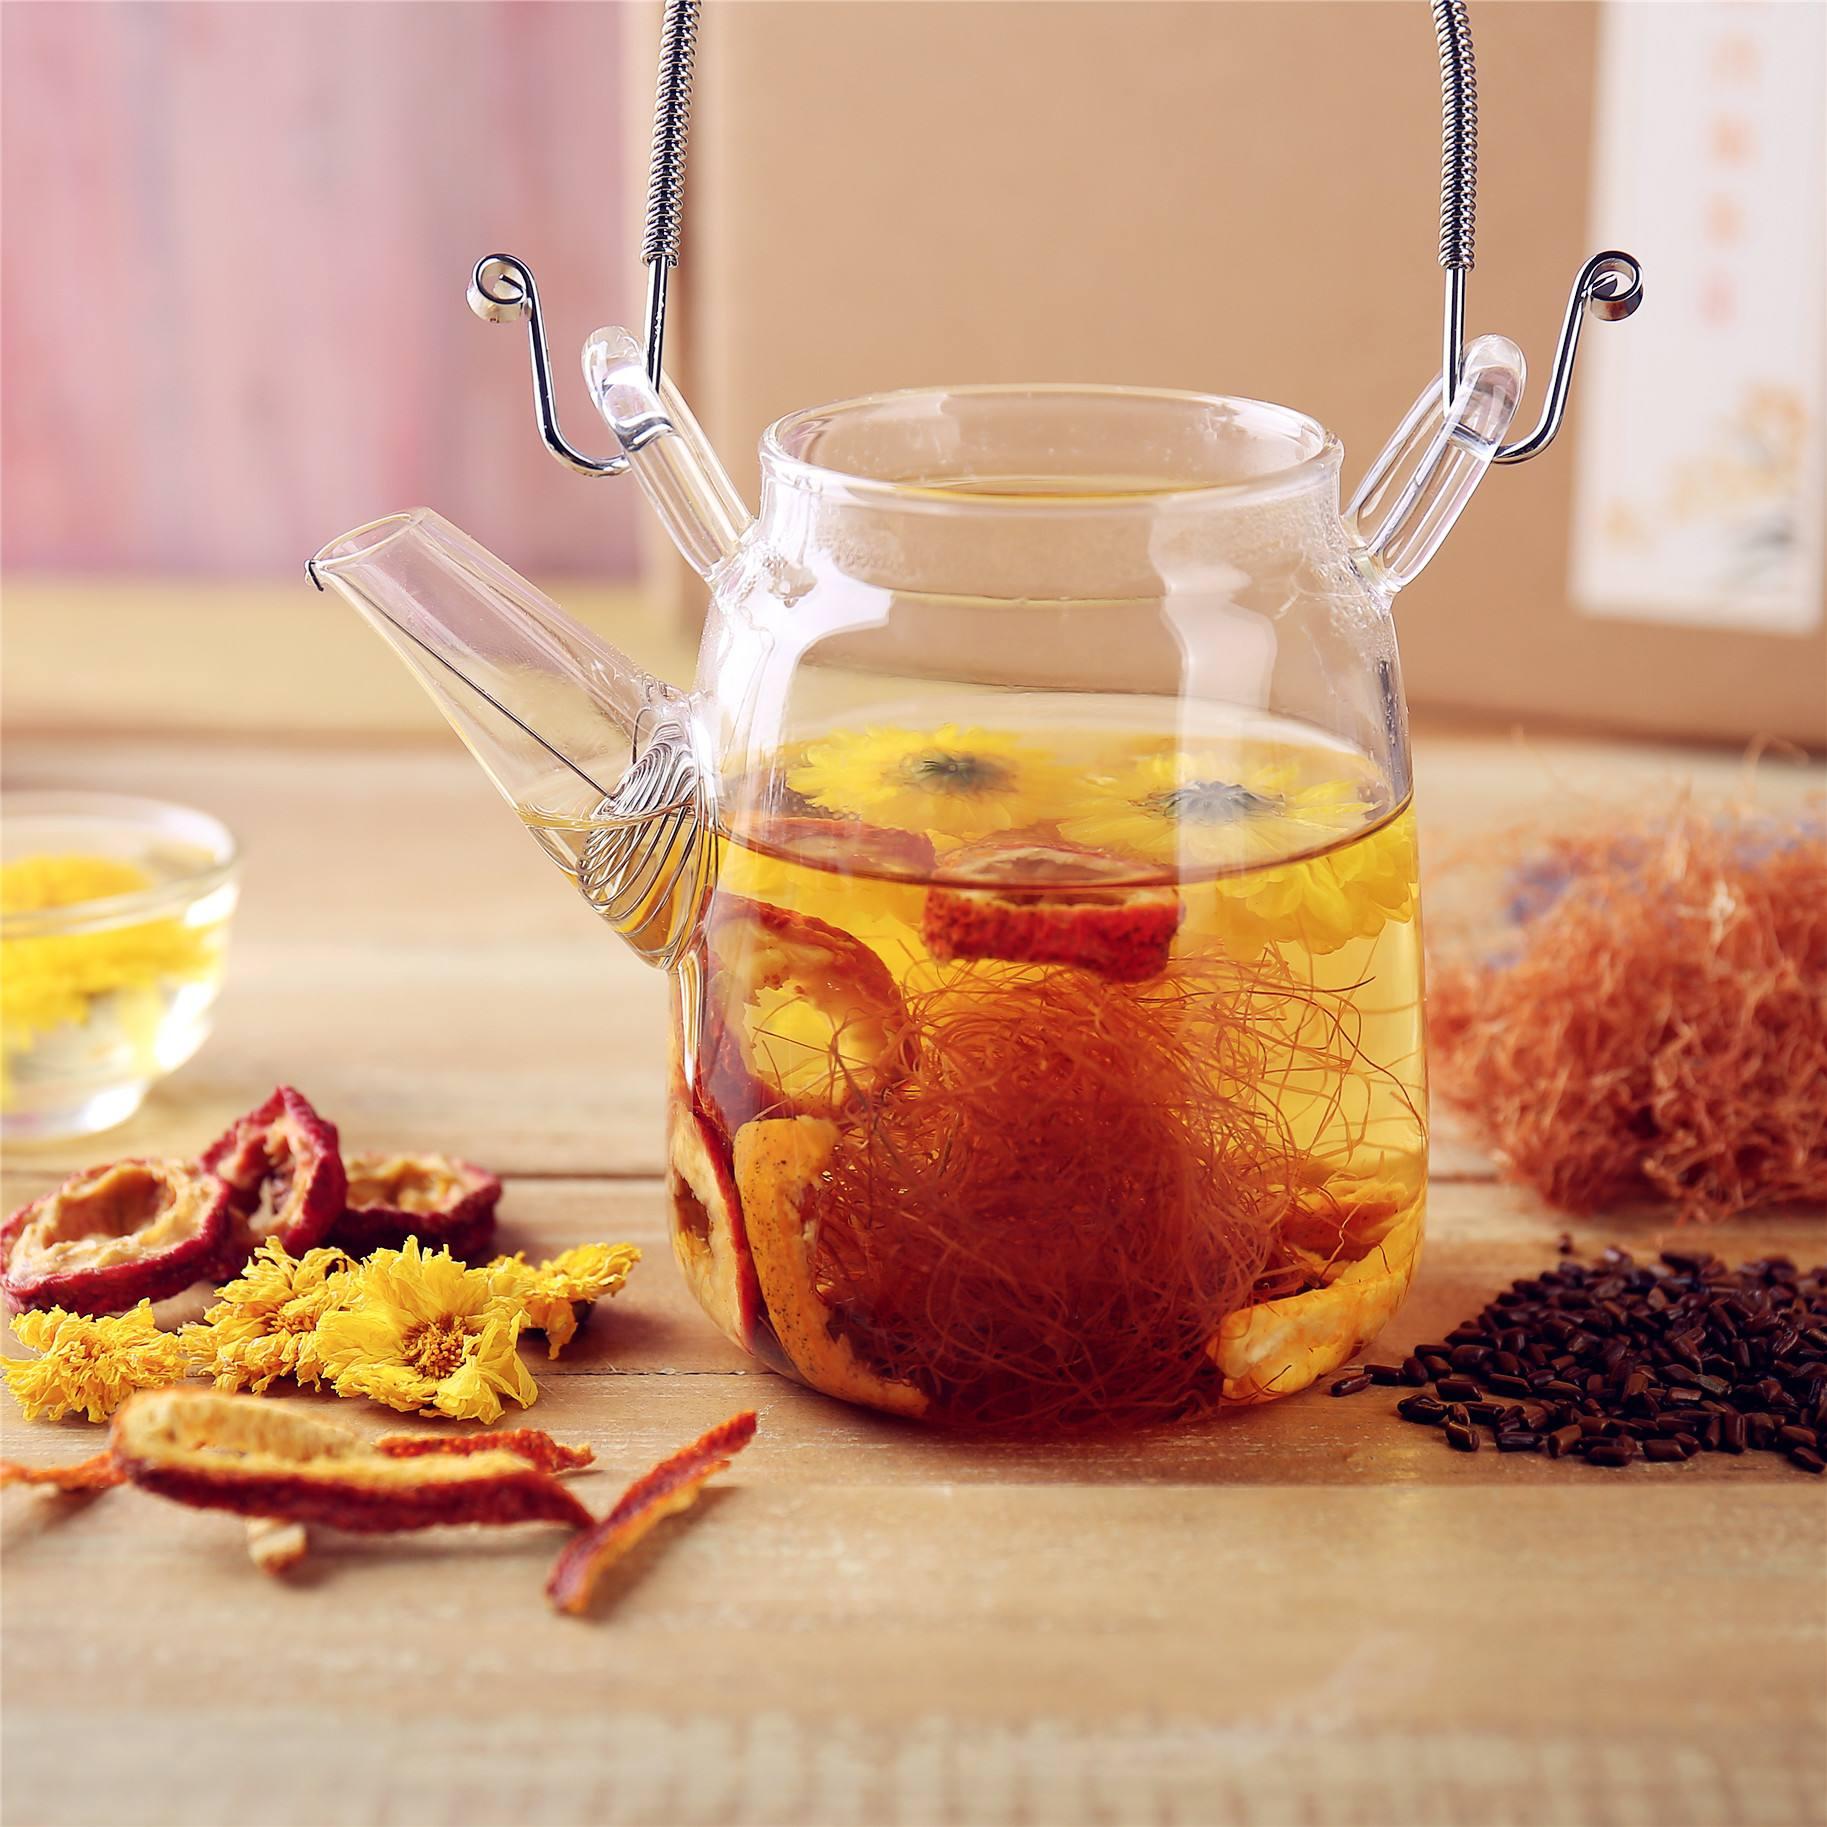 陈皮和菊花可以一起泡茶饮用吗